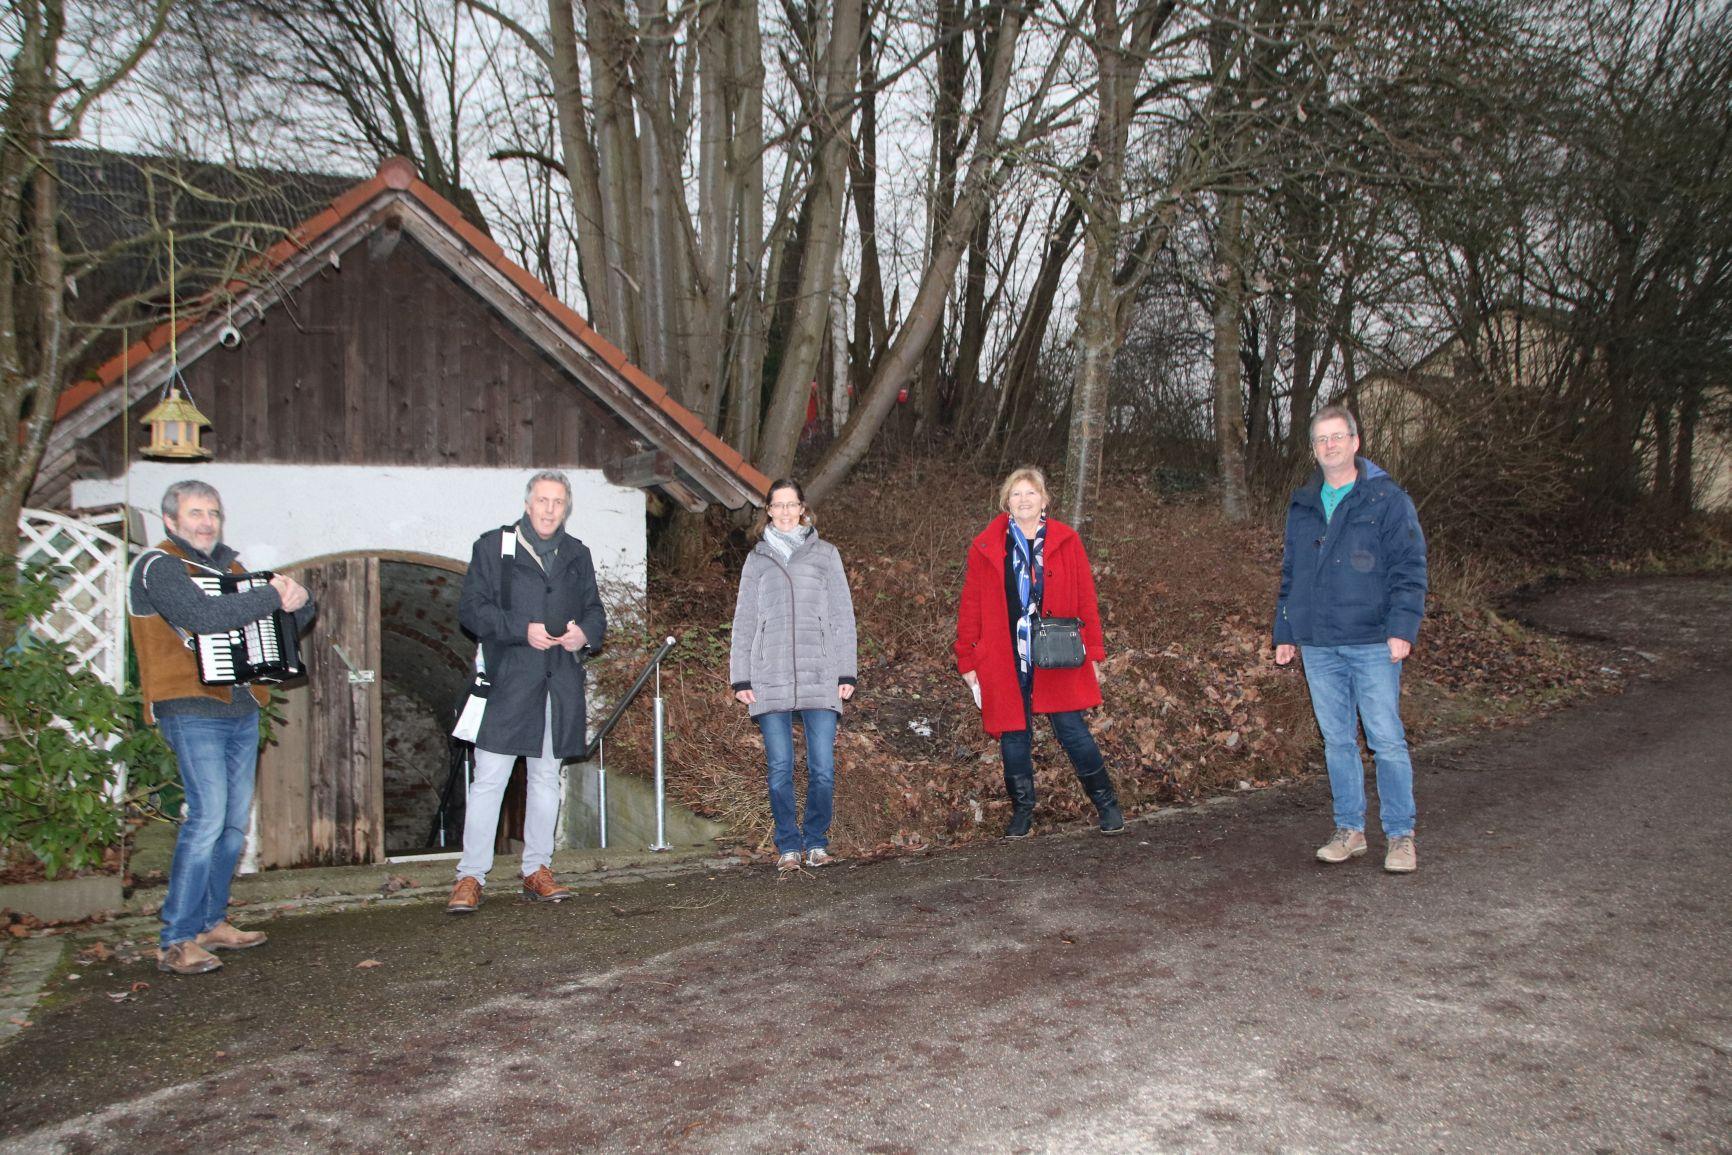 Radioreise von Alexander Tauscher zu Gast in Au in der Hallertau